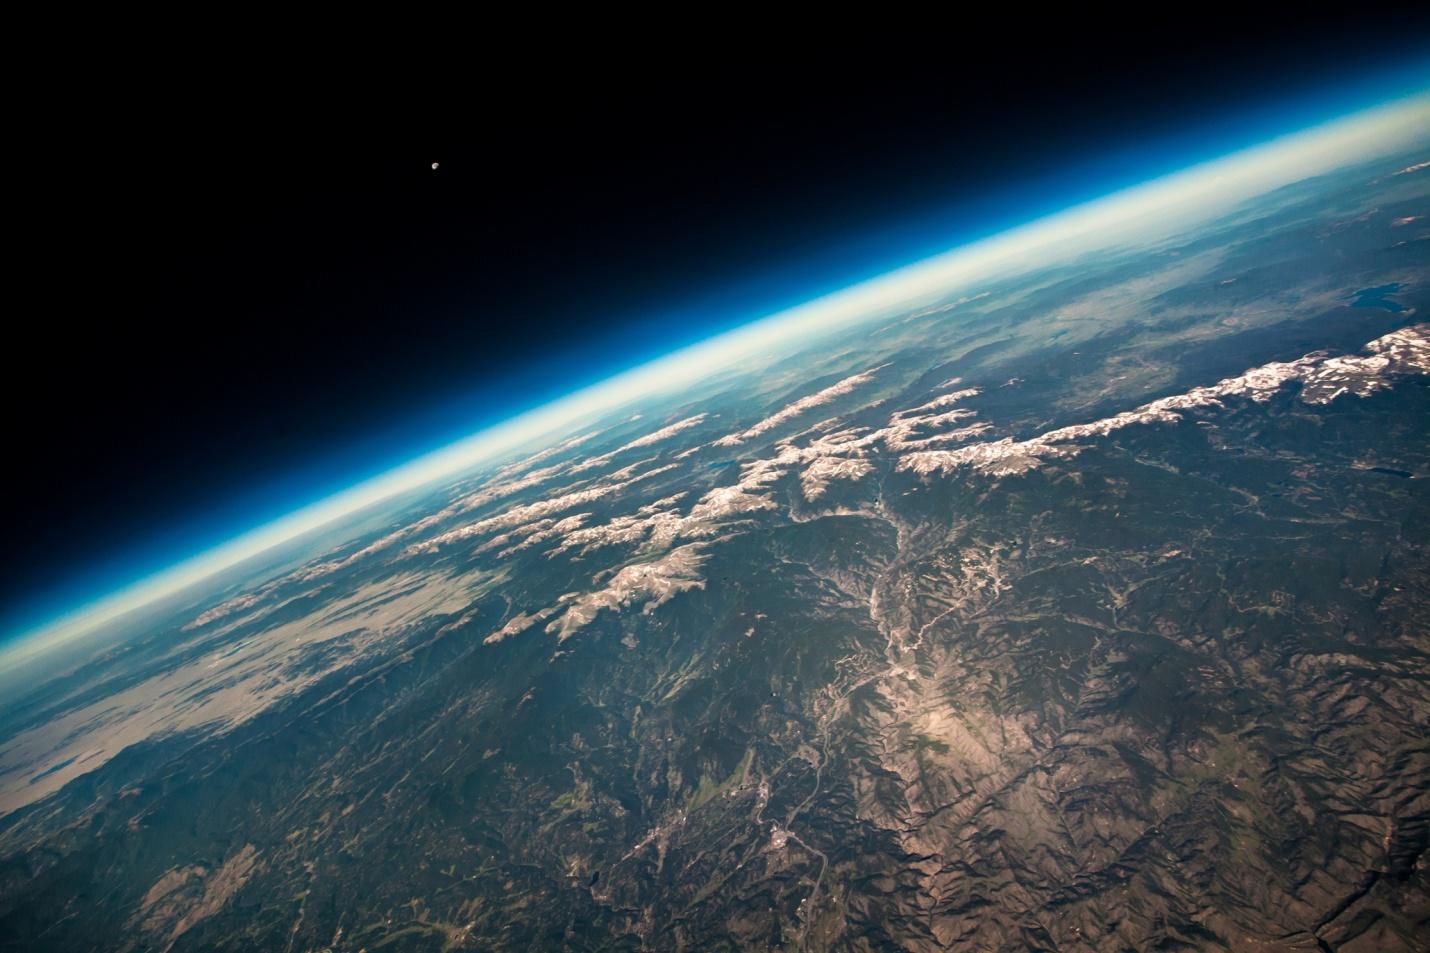 astrofotografia-fotografia-spazio-astronomia-09